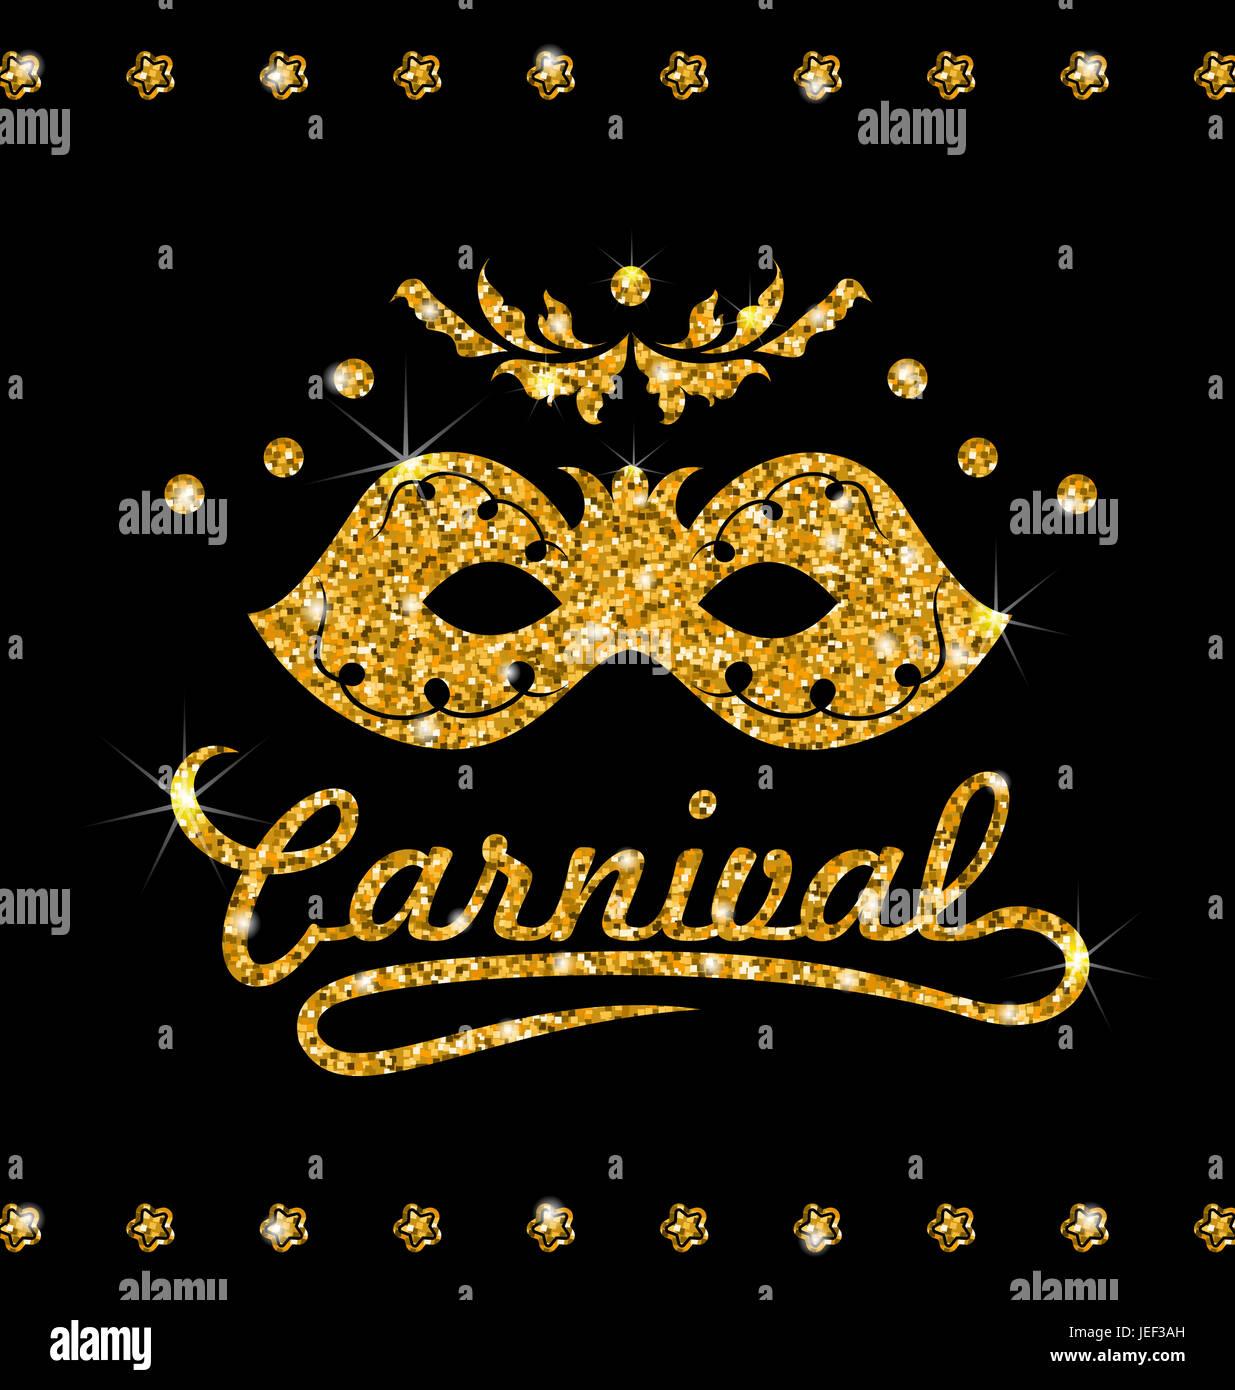 Ilustración Brillante De La Máscara De Carnaval Con Polvo De